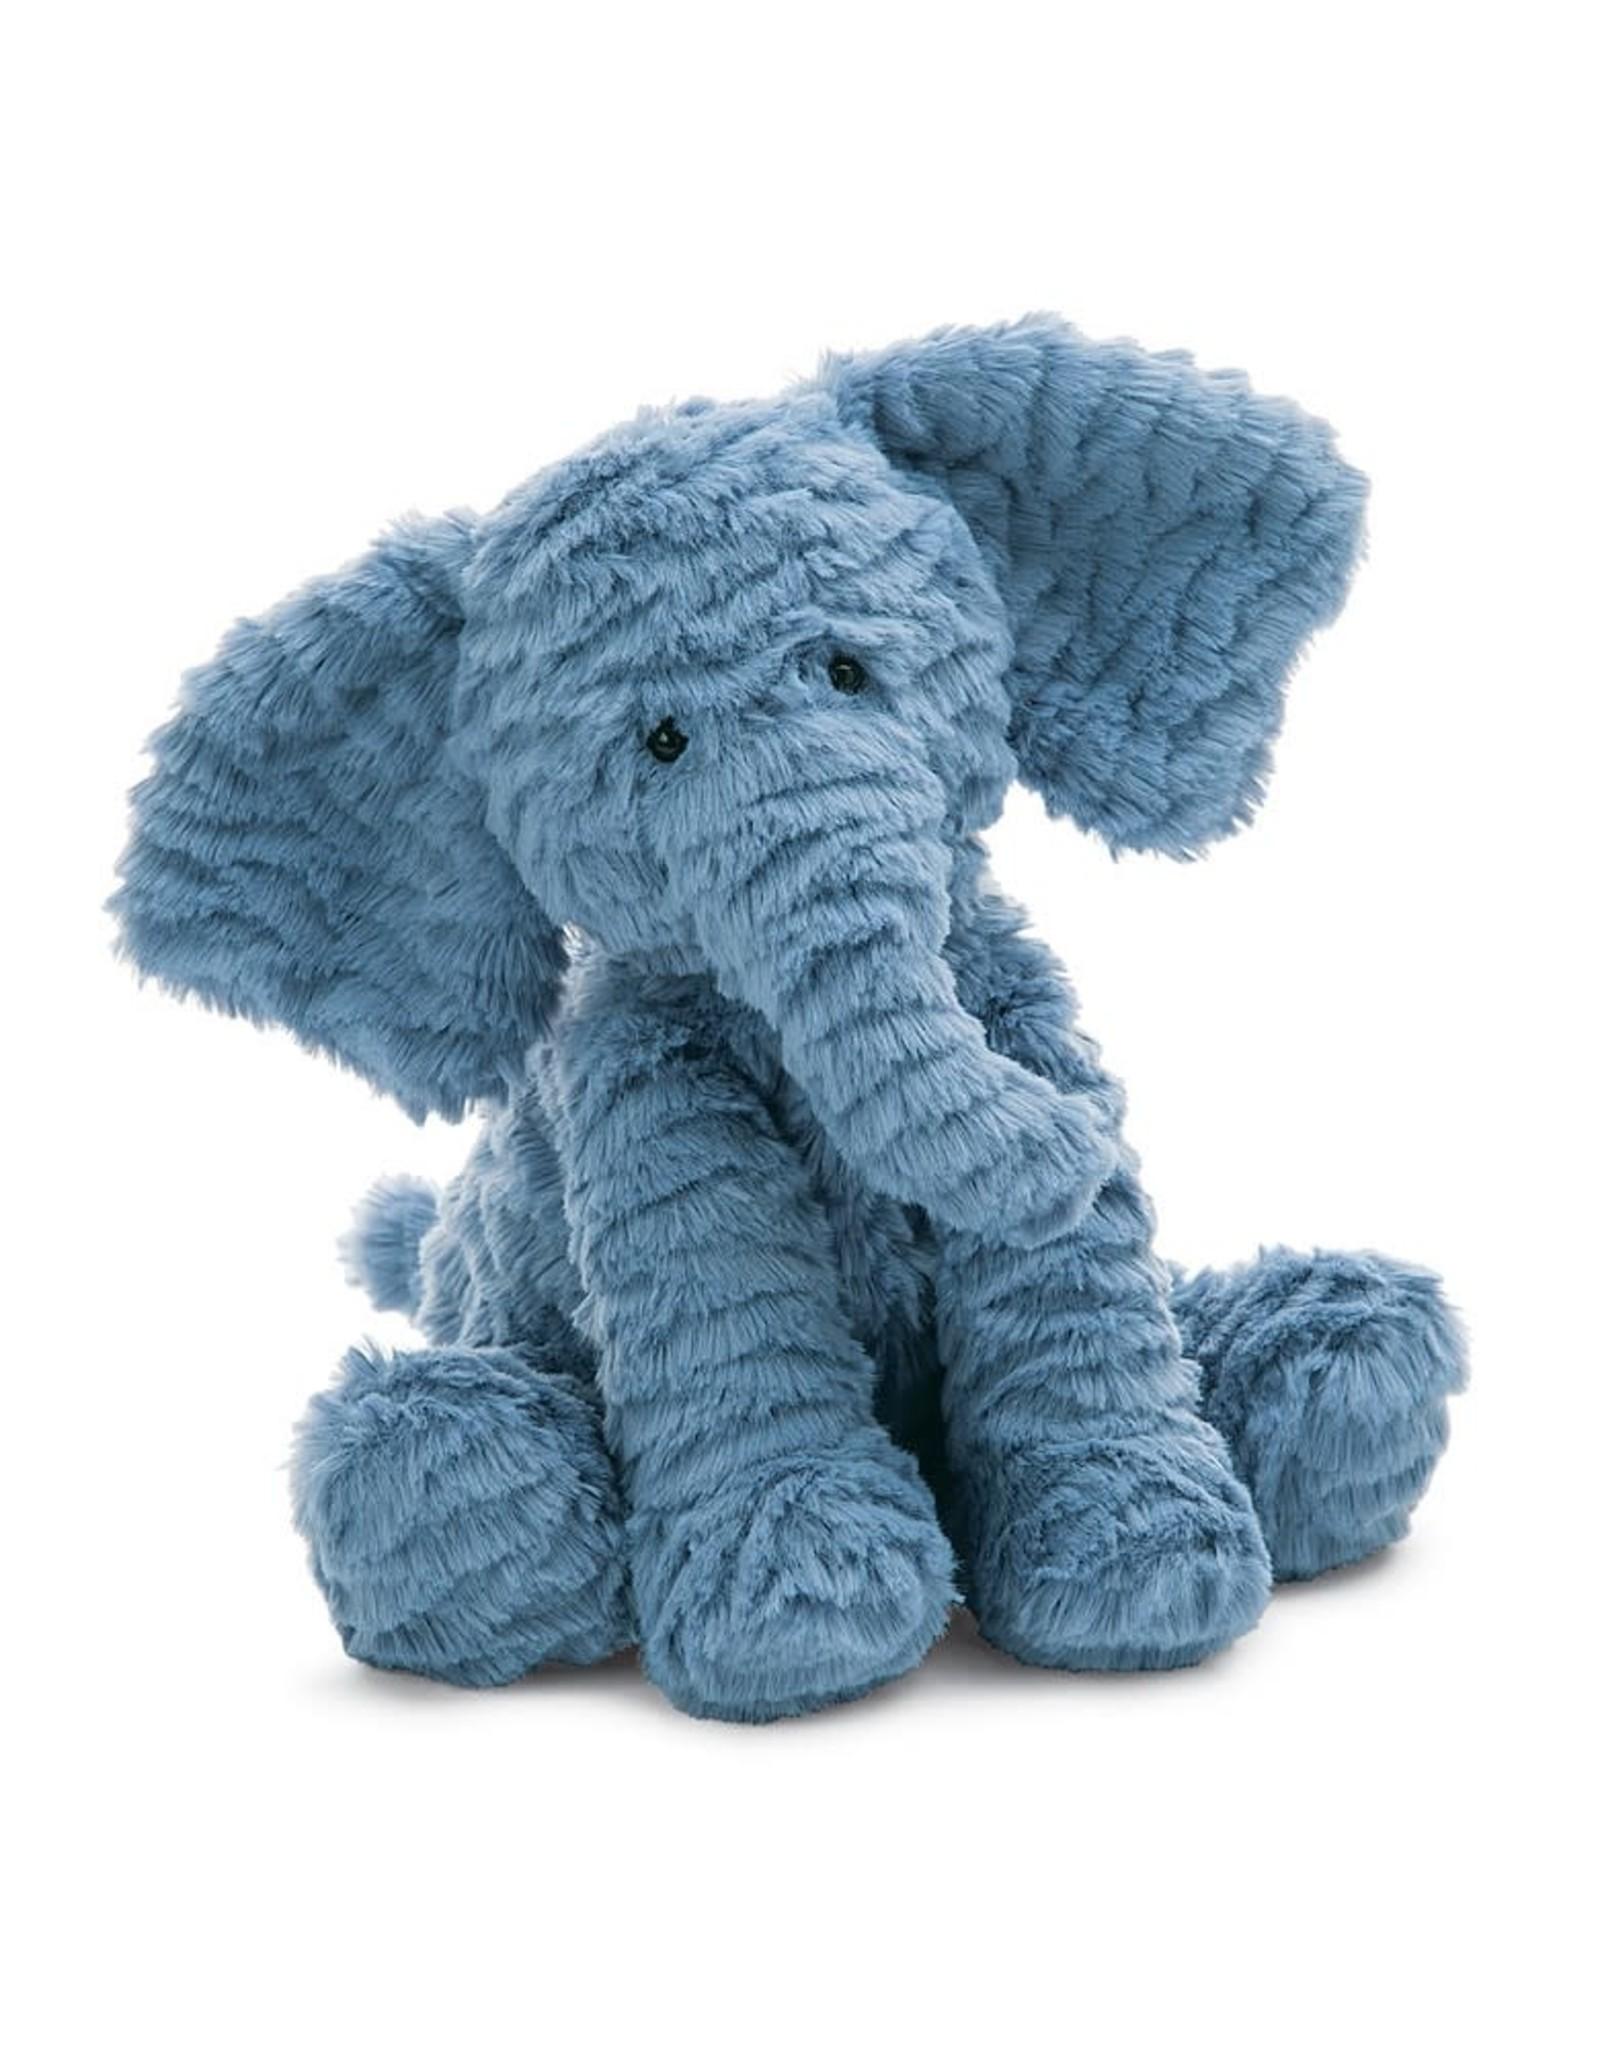 Jelly Cat Fuddle Wuddle Elephant